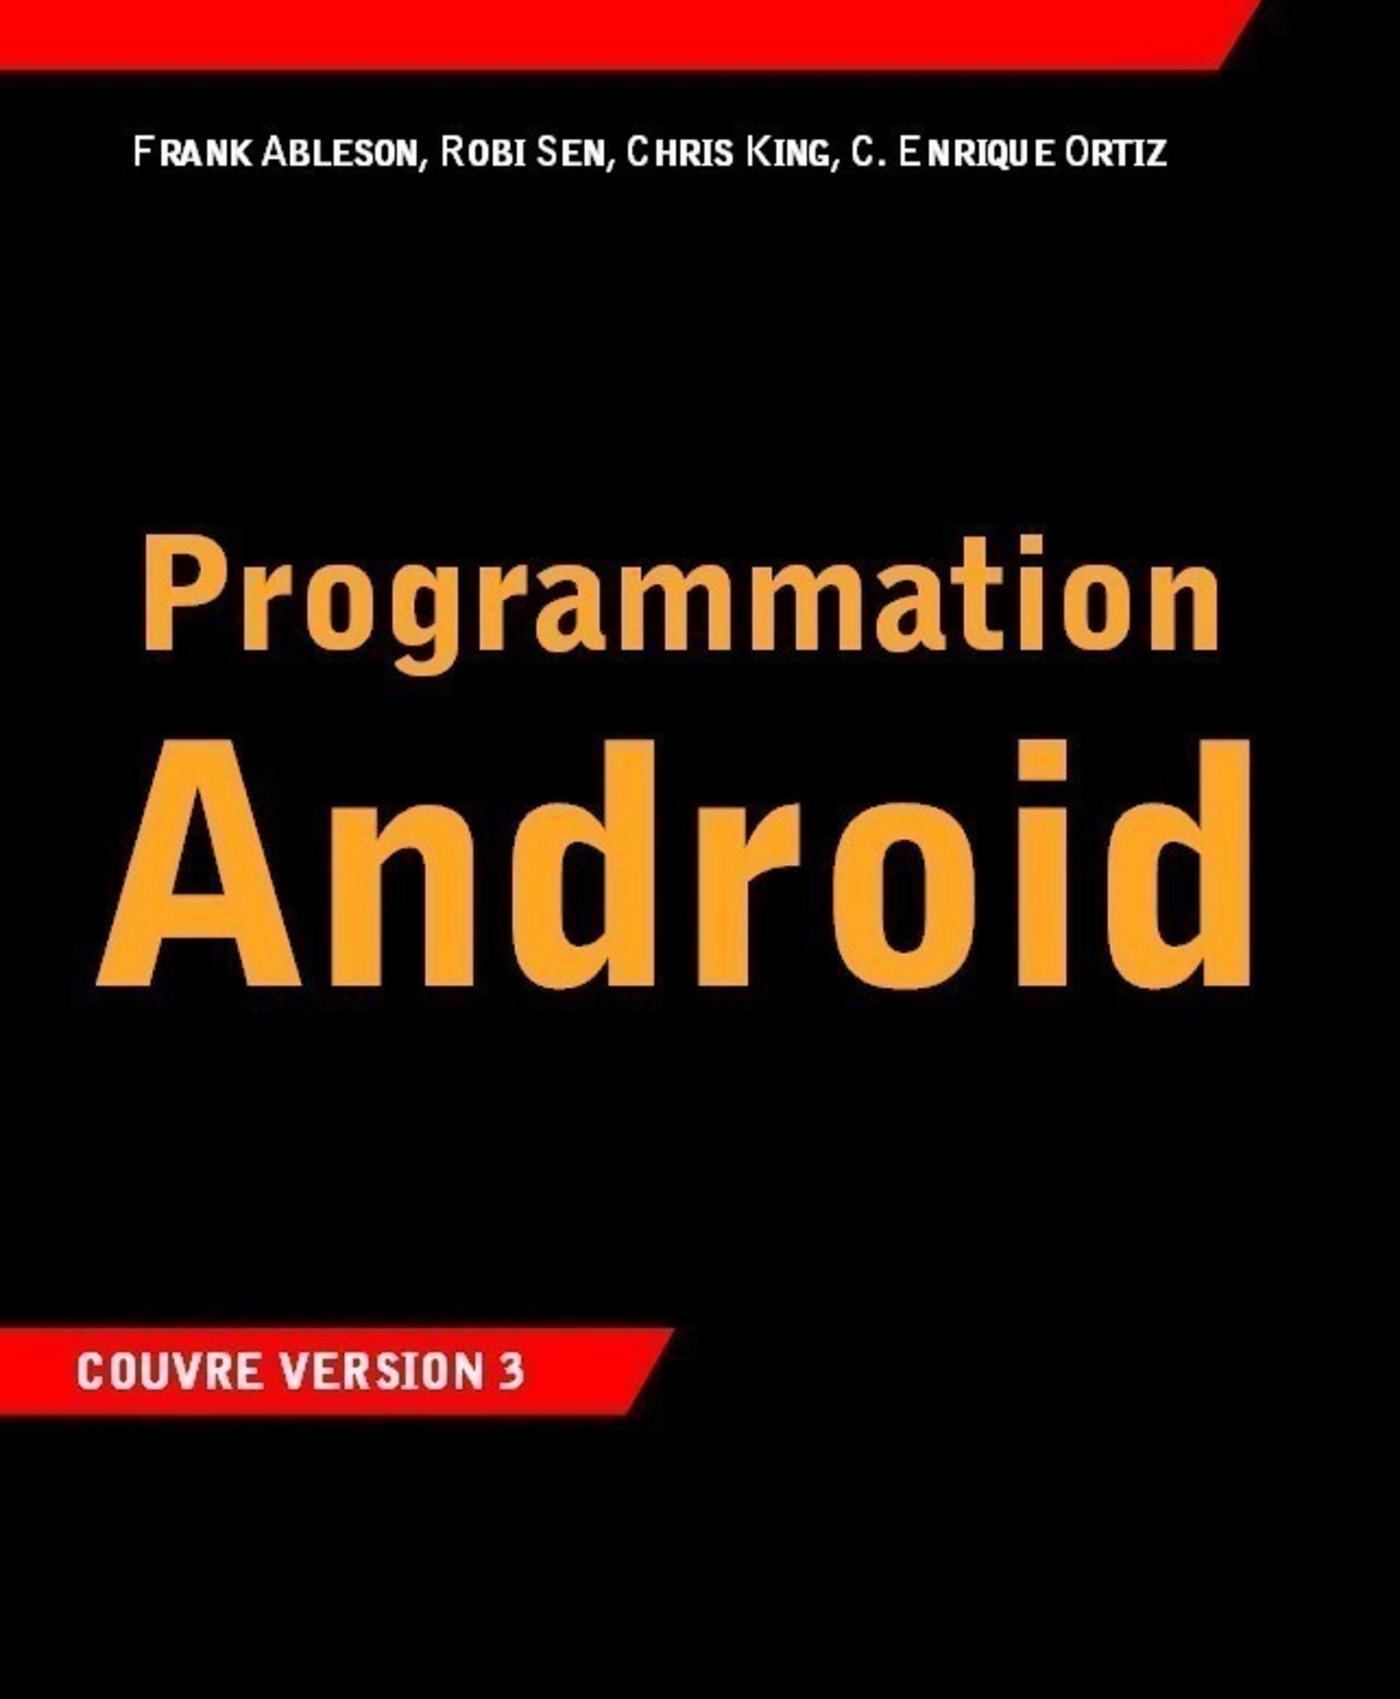 Programmation Androïd